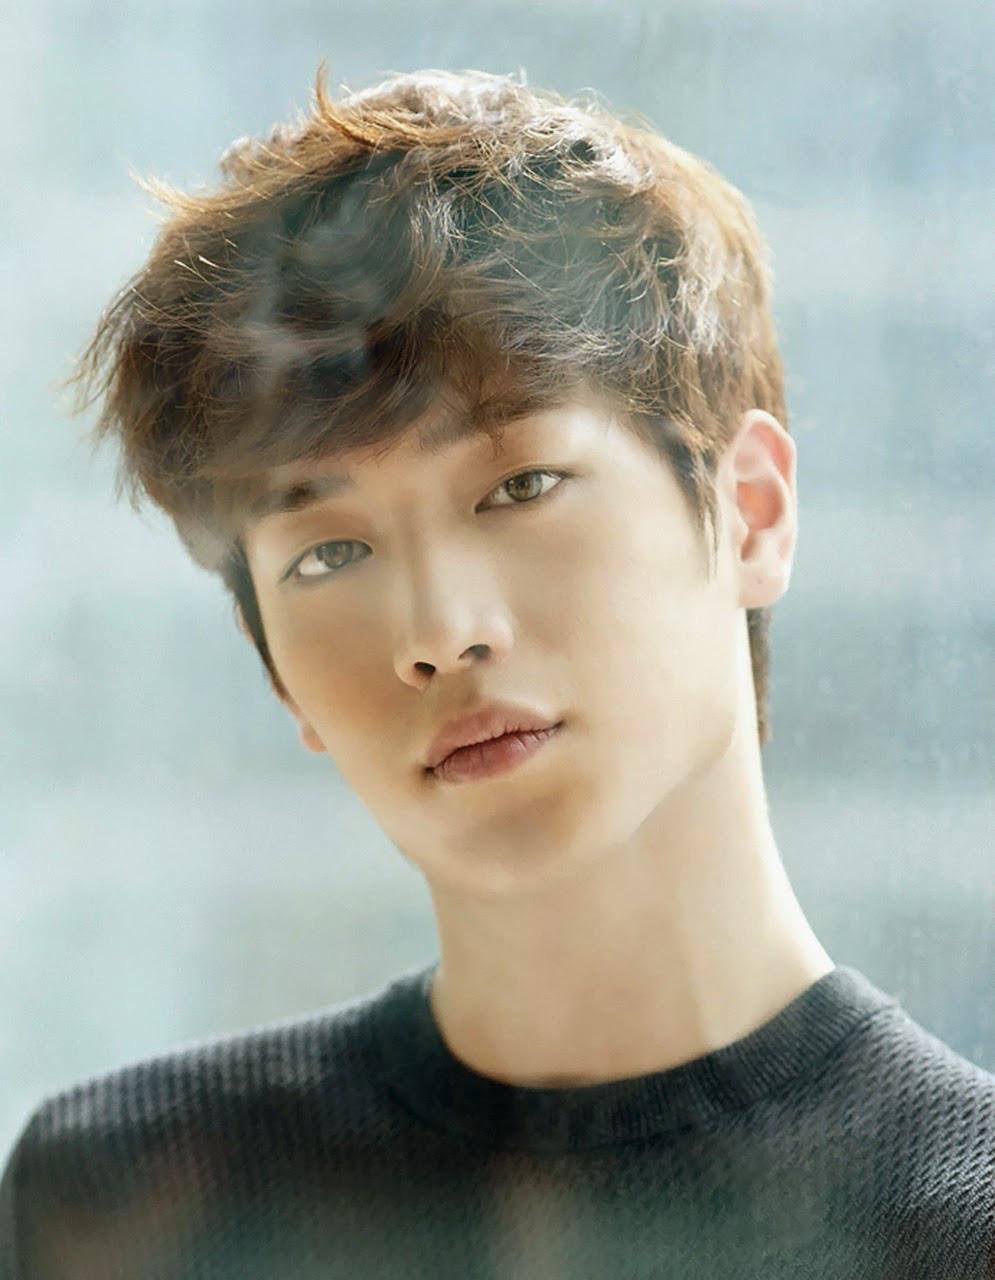 10 sự thật ngẫu nhiên cực thú vị về dàn nam thần Hàn Quốc: Song Joong Ki từng làm điều này trong quân ngũ, Lee Jong Suk hóa ra giống mỹ nhân đình đám và cả loạt câu chuyện bất ngờ khác - Ảnh 4.